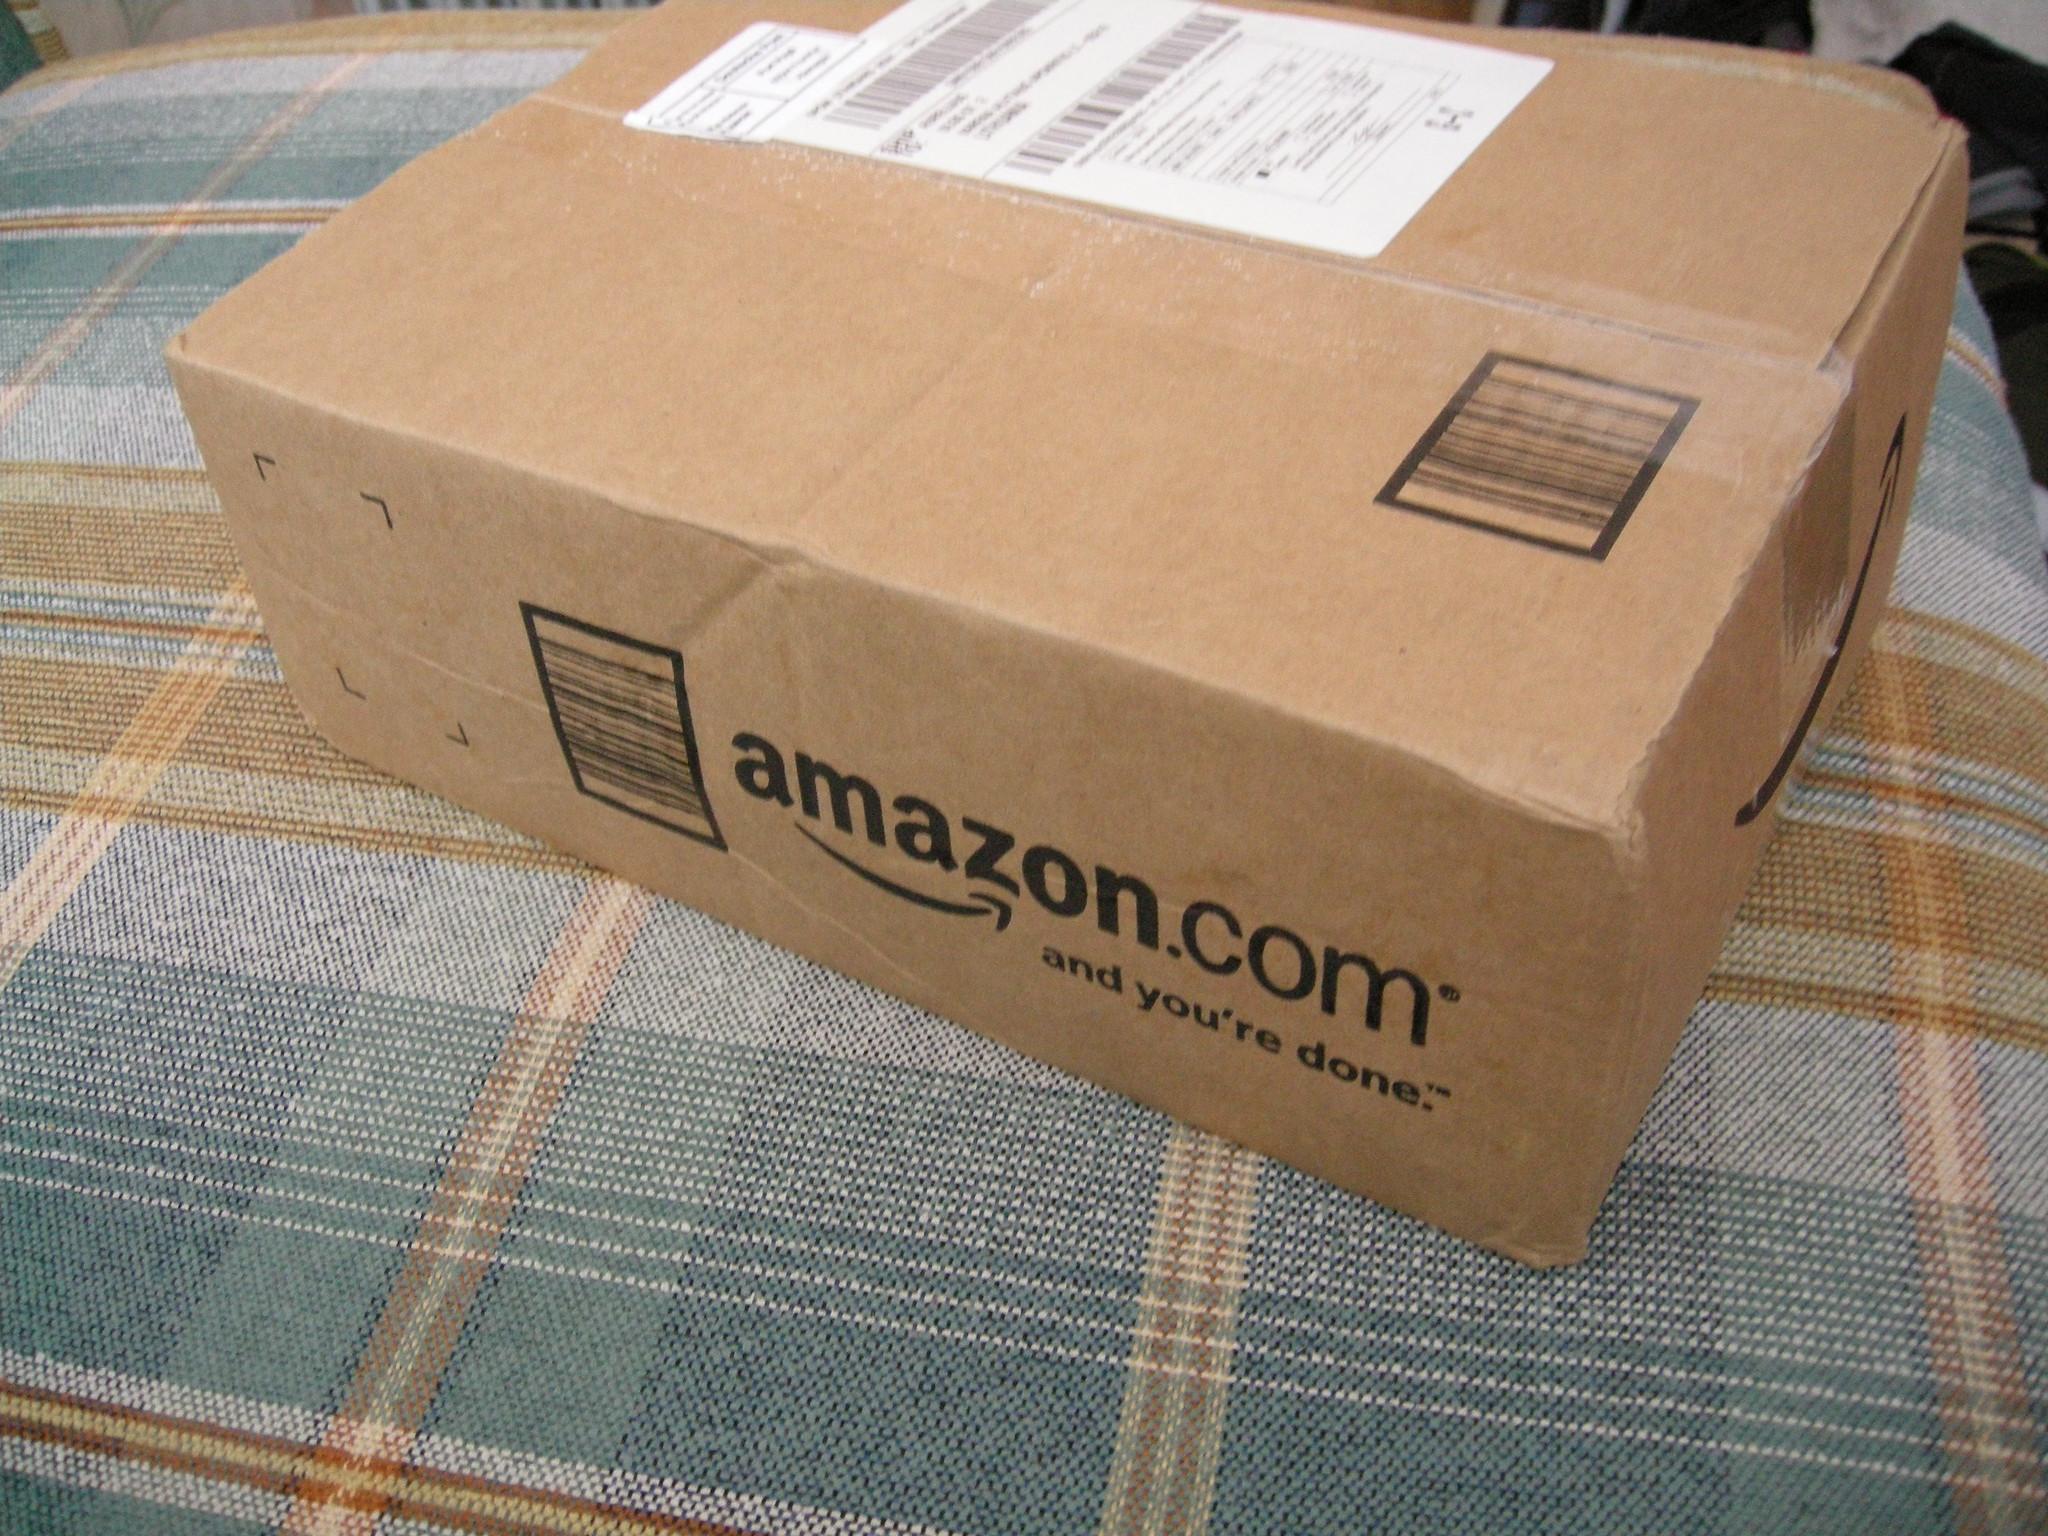 Amazon: les entrepôts français ferment, les commandes sont assurées par les entrepôts européens et les vendeurs tiers